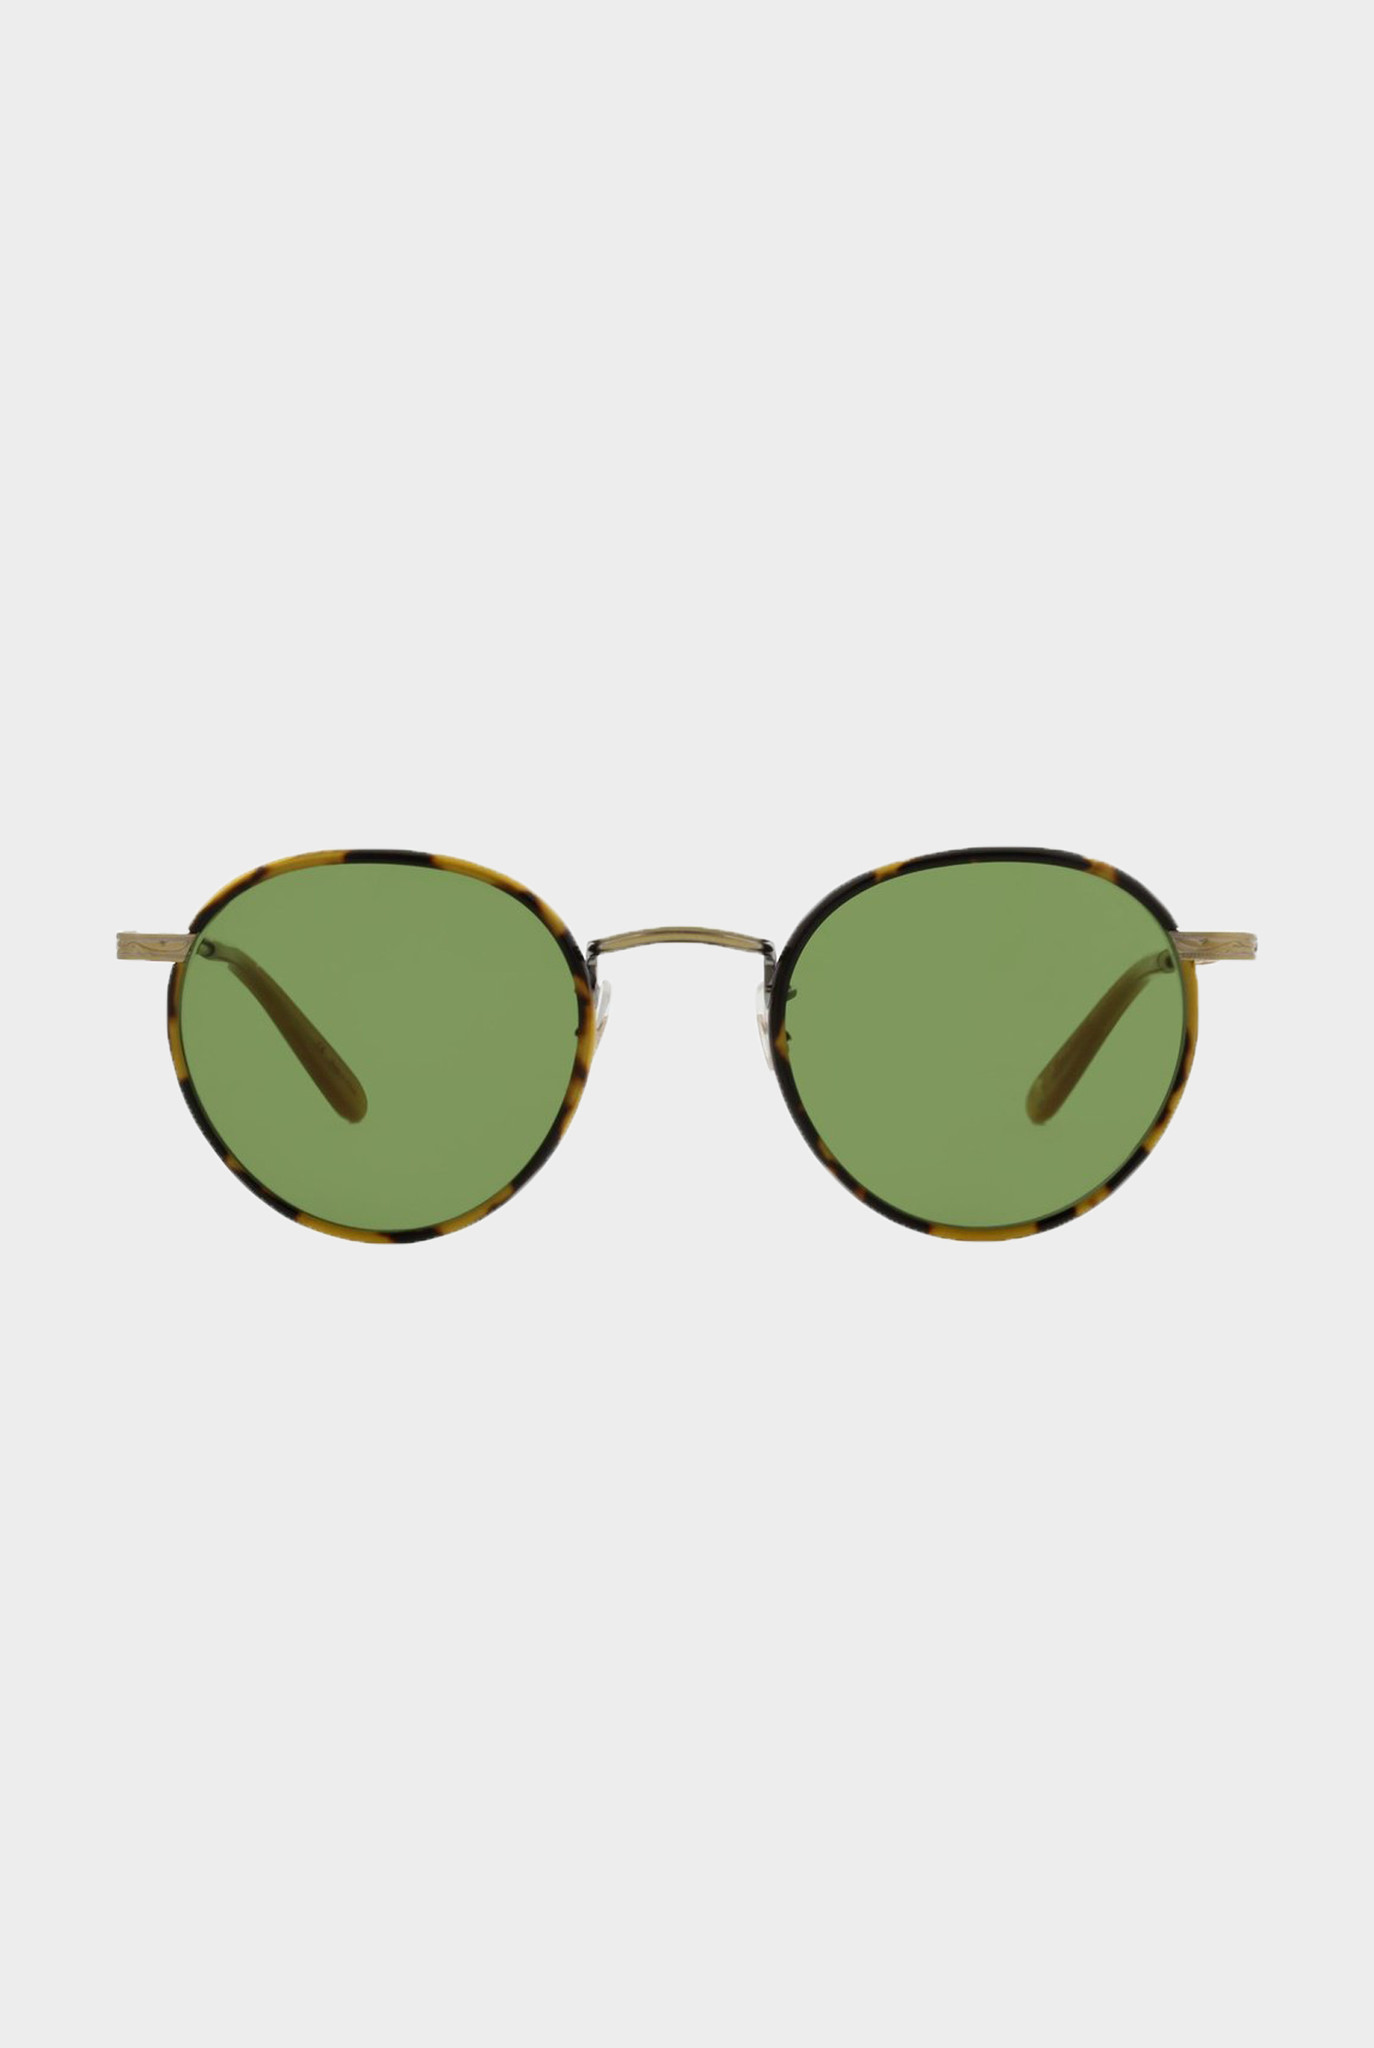 Wilson sunglasses Tokyo tortoise-amber honey/pure green